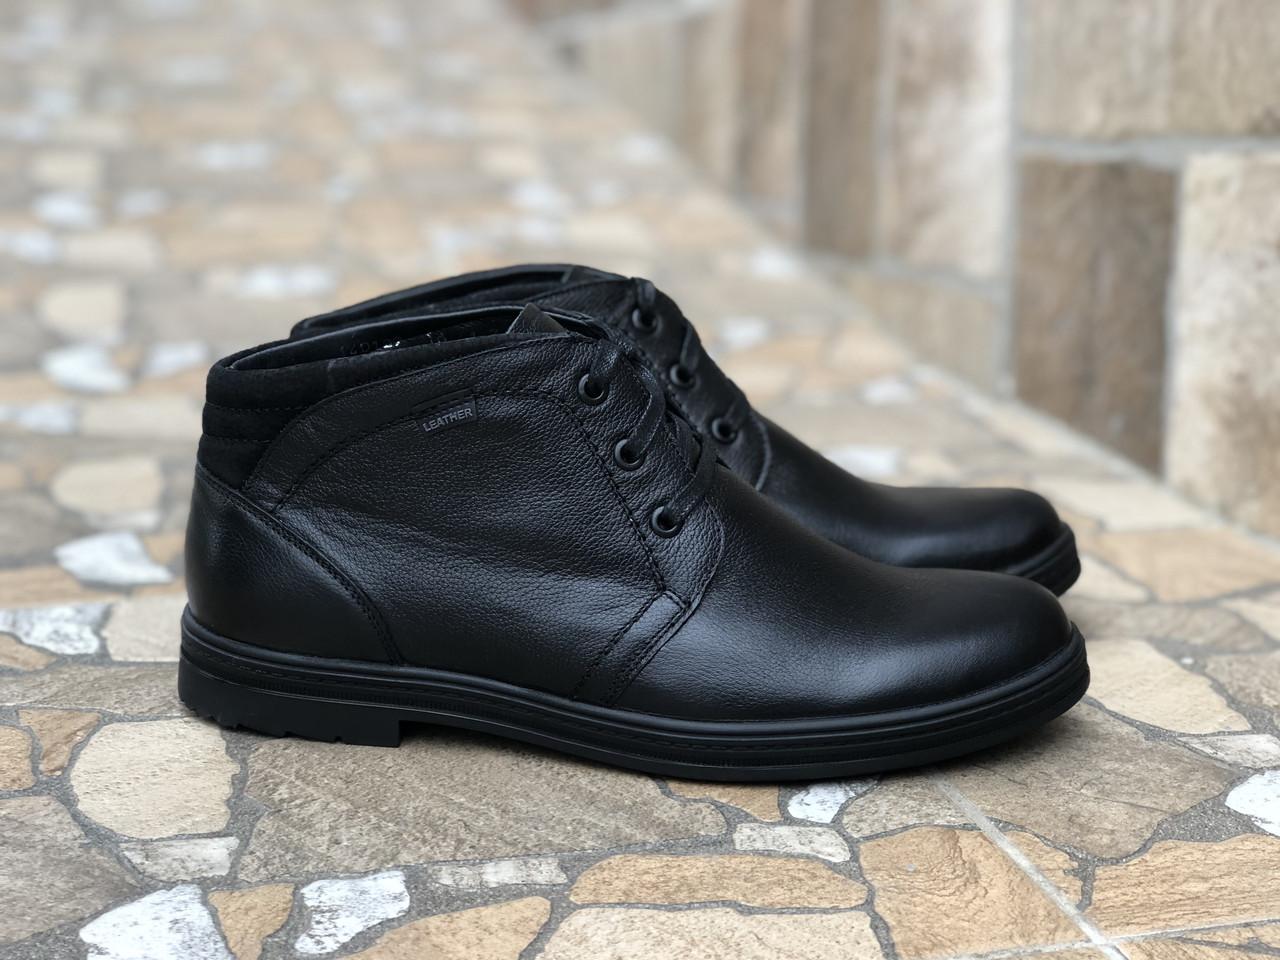 Шкіряні чоловічі туфлі Мзс 13913 шок 41-43 розміри